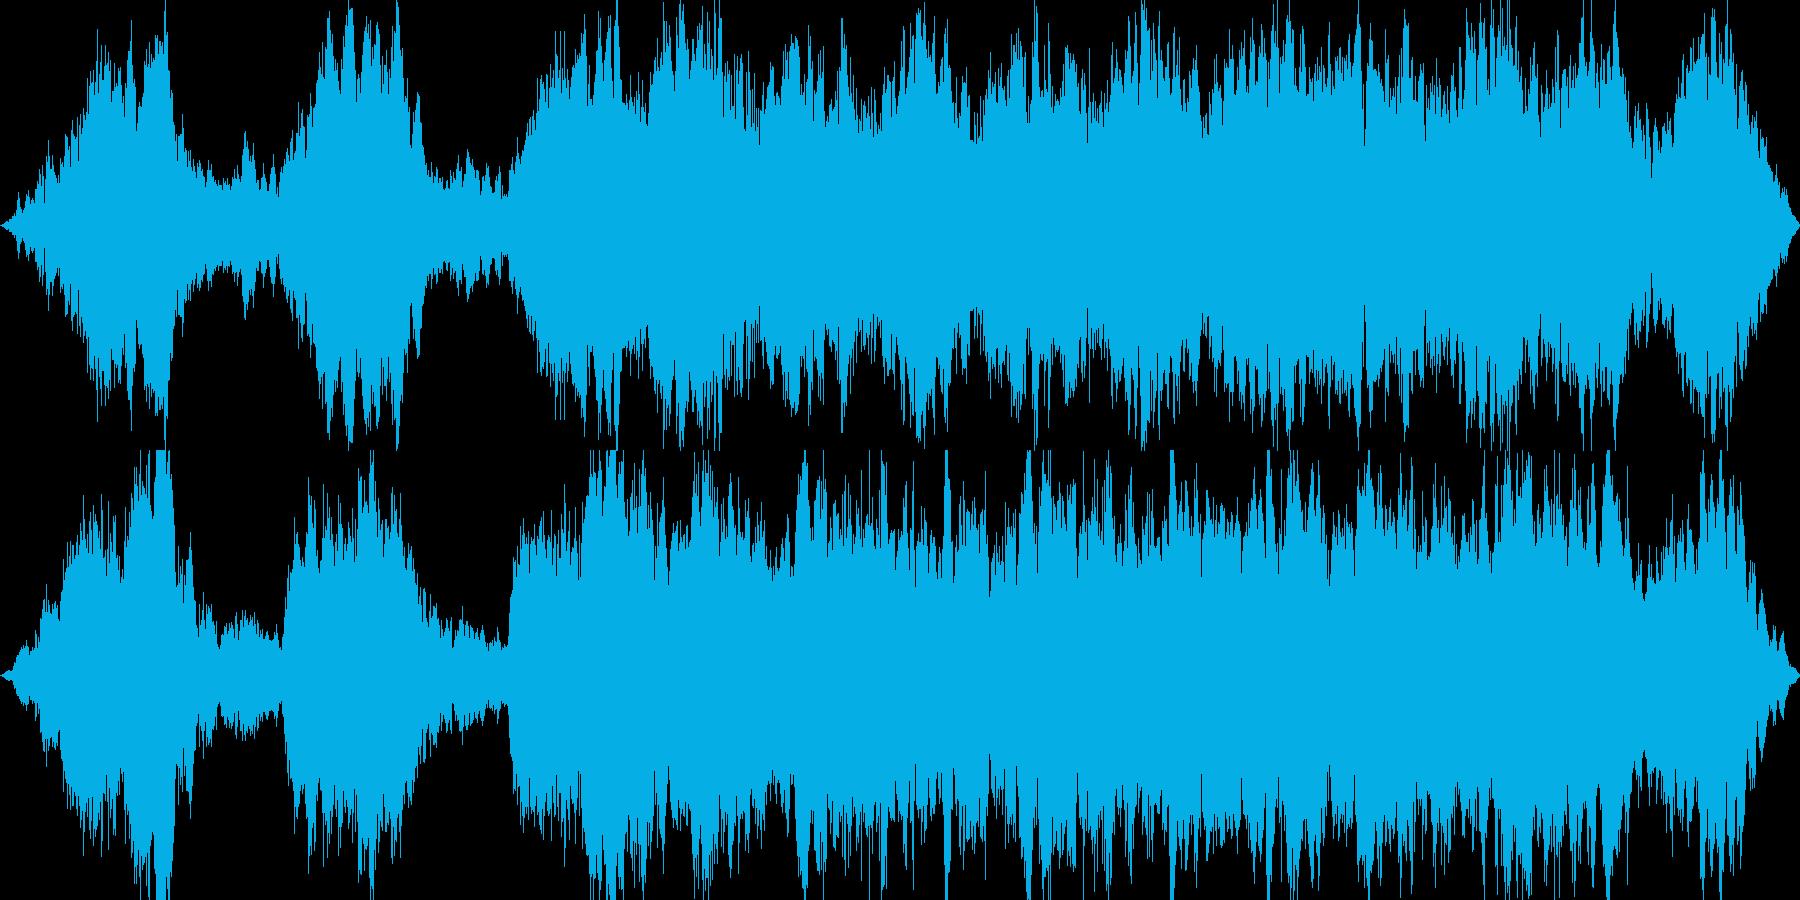 ホラー系のアンビエントBGMの再生済みの波形